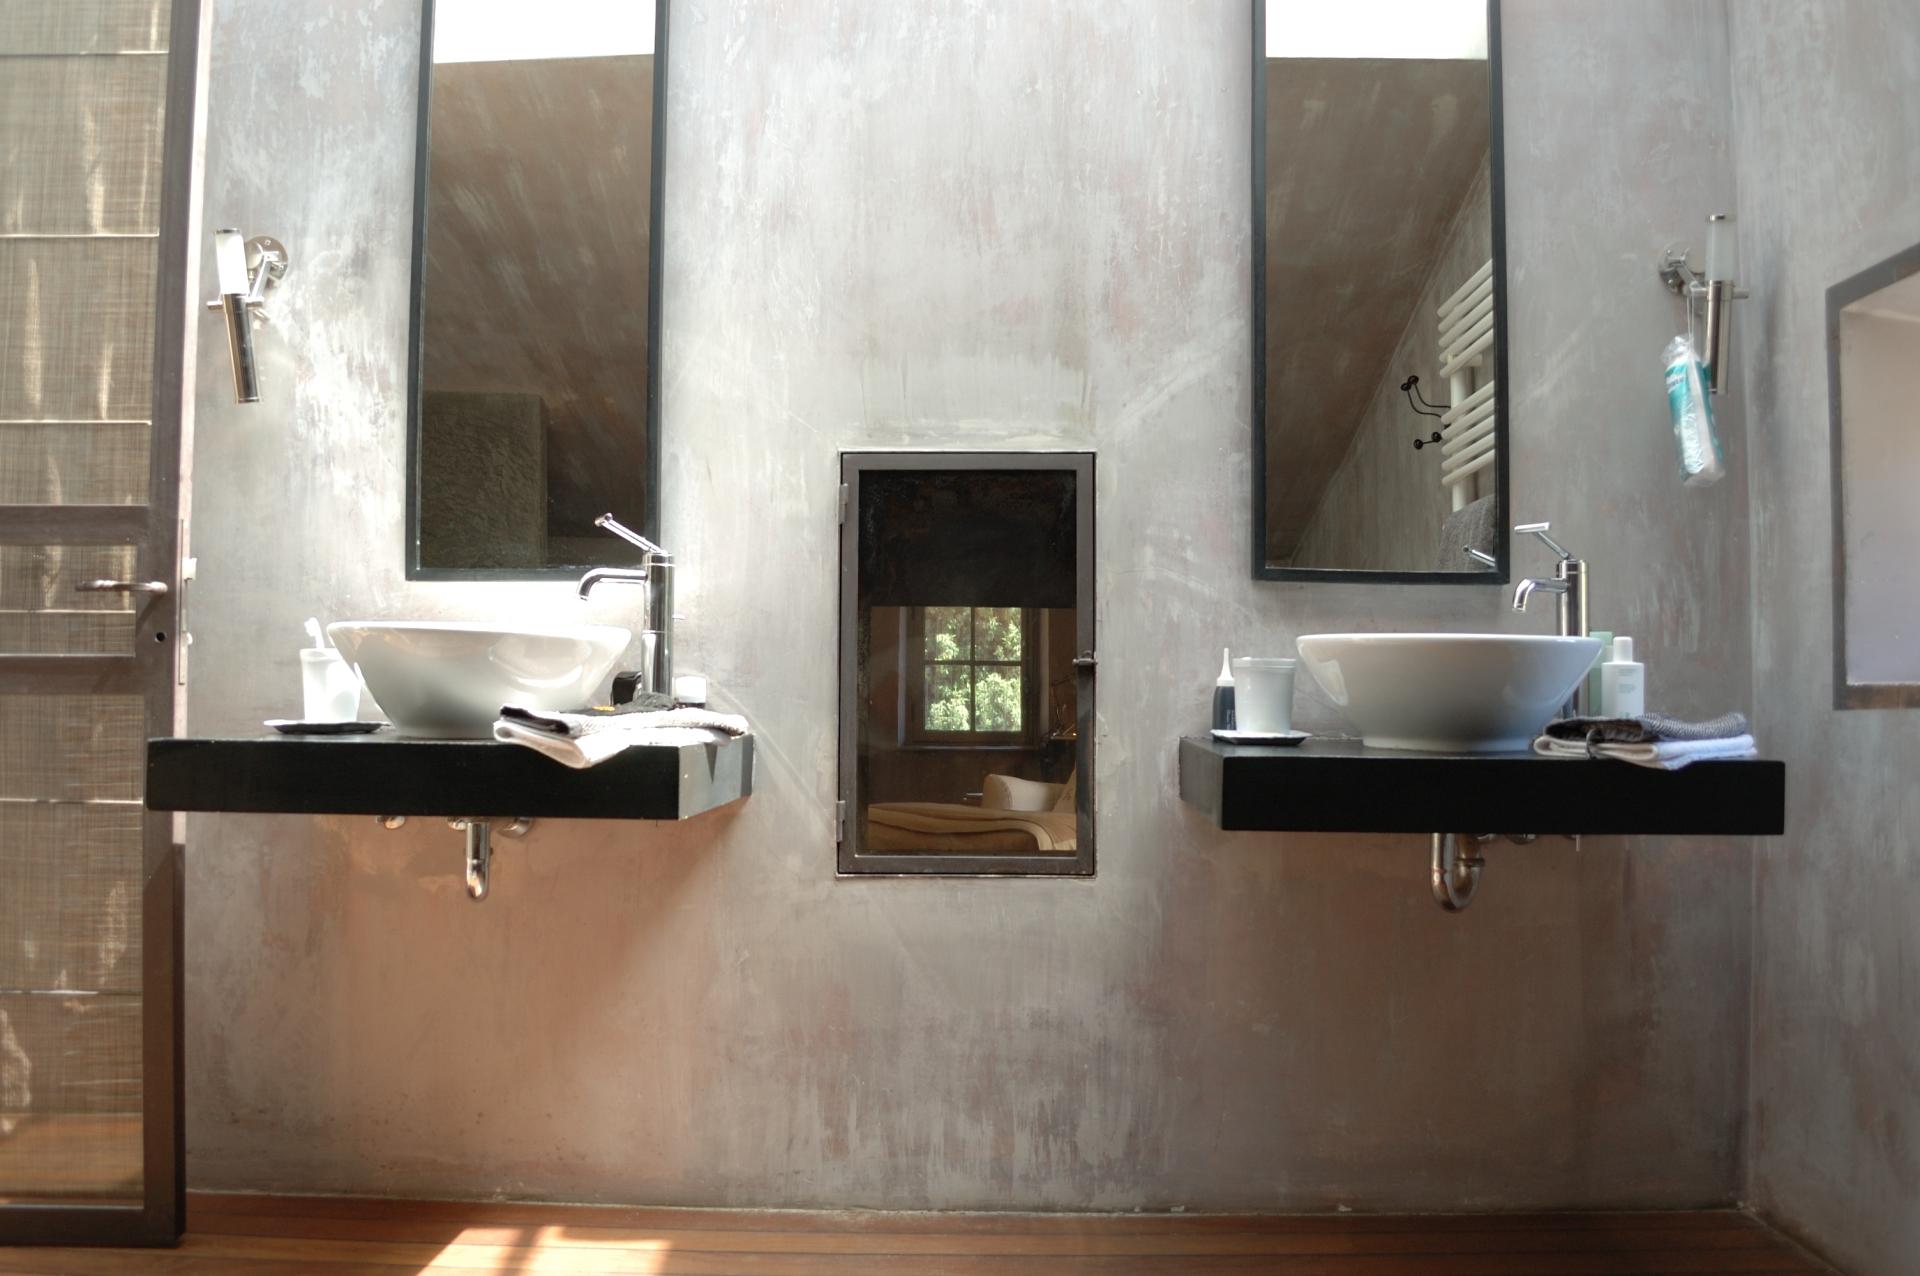 Double sink- Bathroom